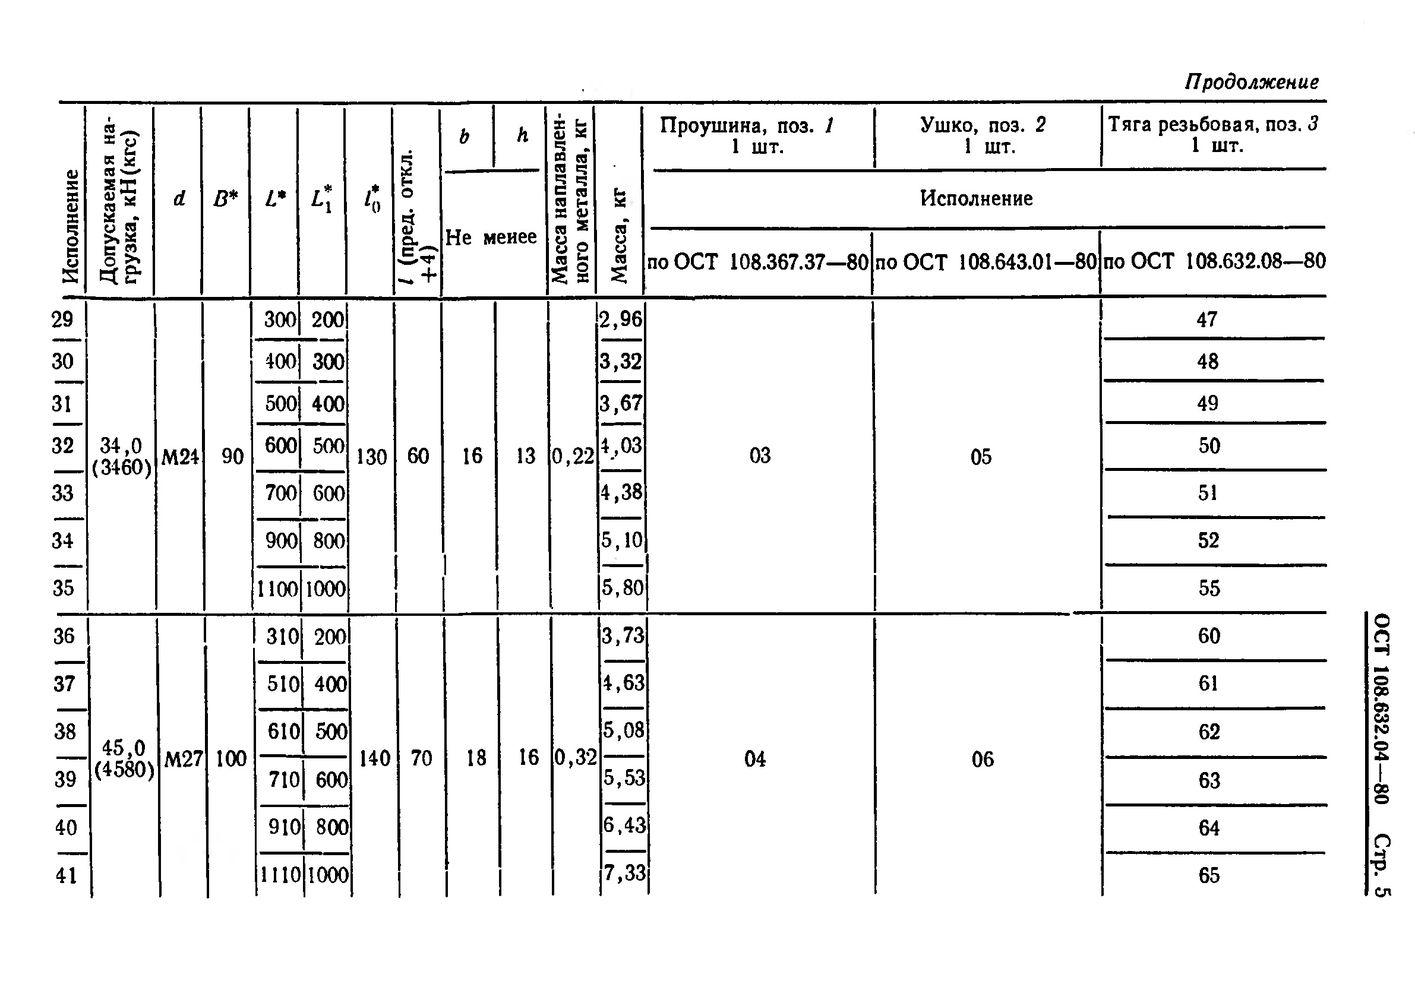 Тяги резьбовые с проушиной ОСТ 108.632.04-80 стр.5